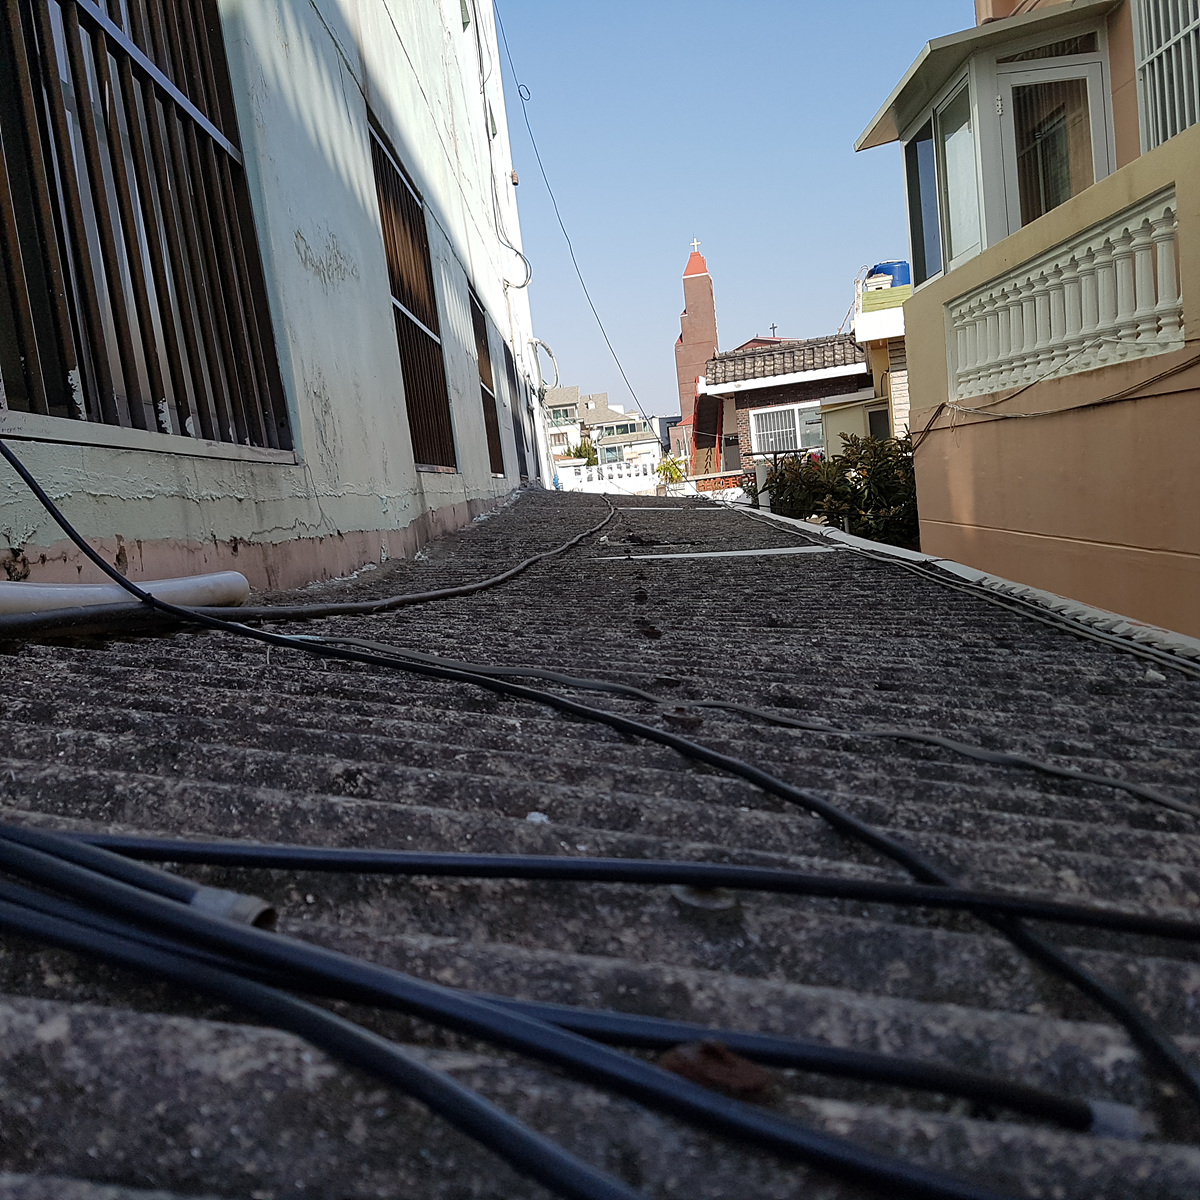 9 번째 사진 판매시설 에  연면적117 ㎡ 부산광역시 해운대구 우동 천장 텍스 및 지붕 슬레이트 철거에 관한 석면조사